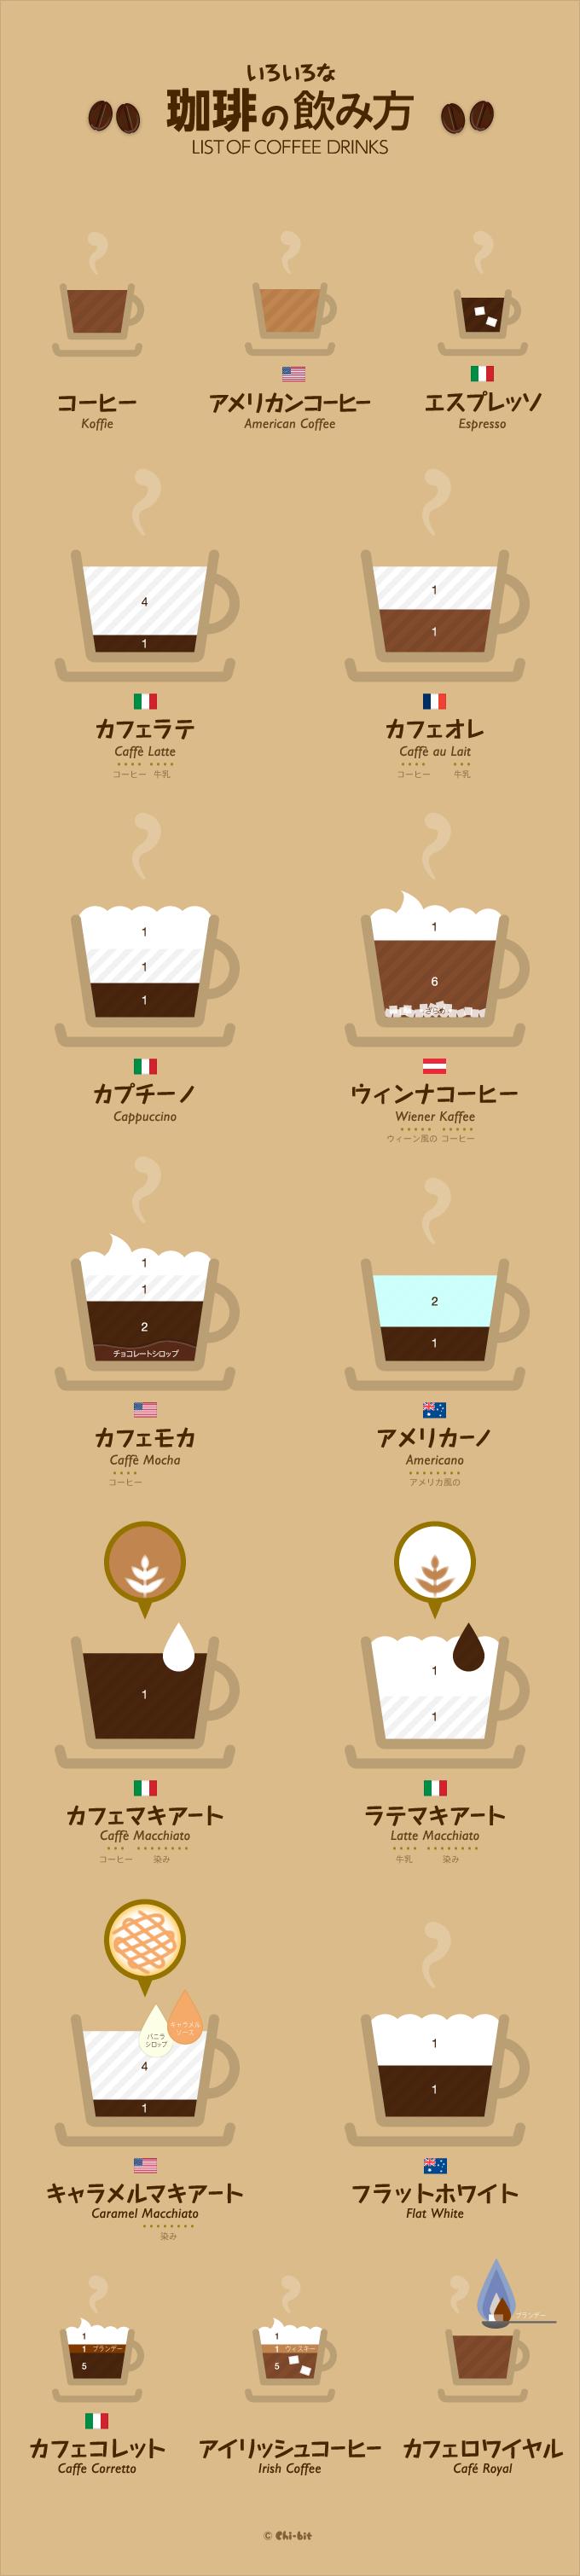 インフォグラフィック:コーヒーの起源はエチオピア。進化の過程で生まれたカプチーノ